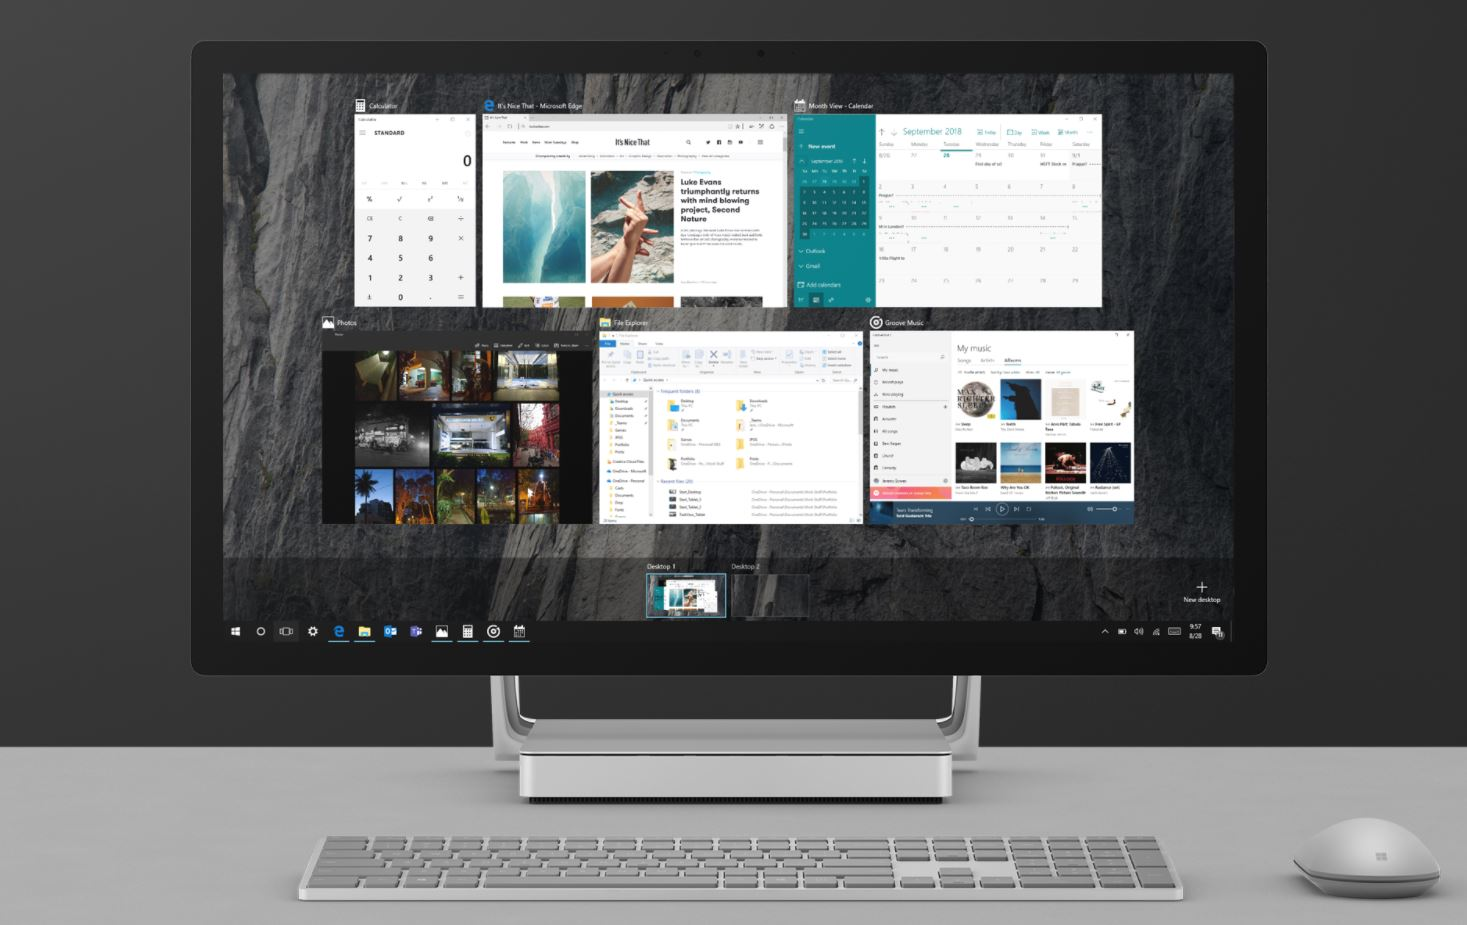 Virtual desktop (Jeremy Bowen, Creative Commons).